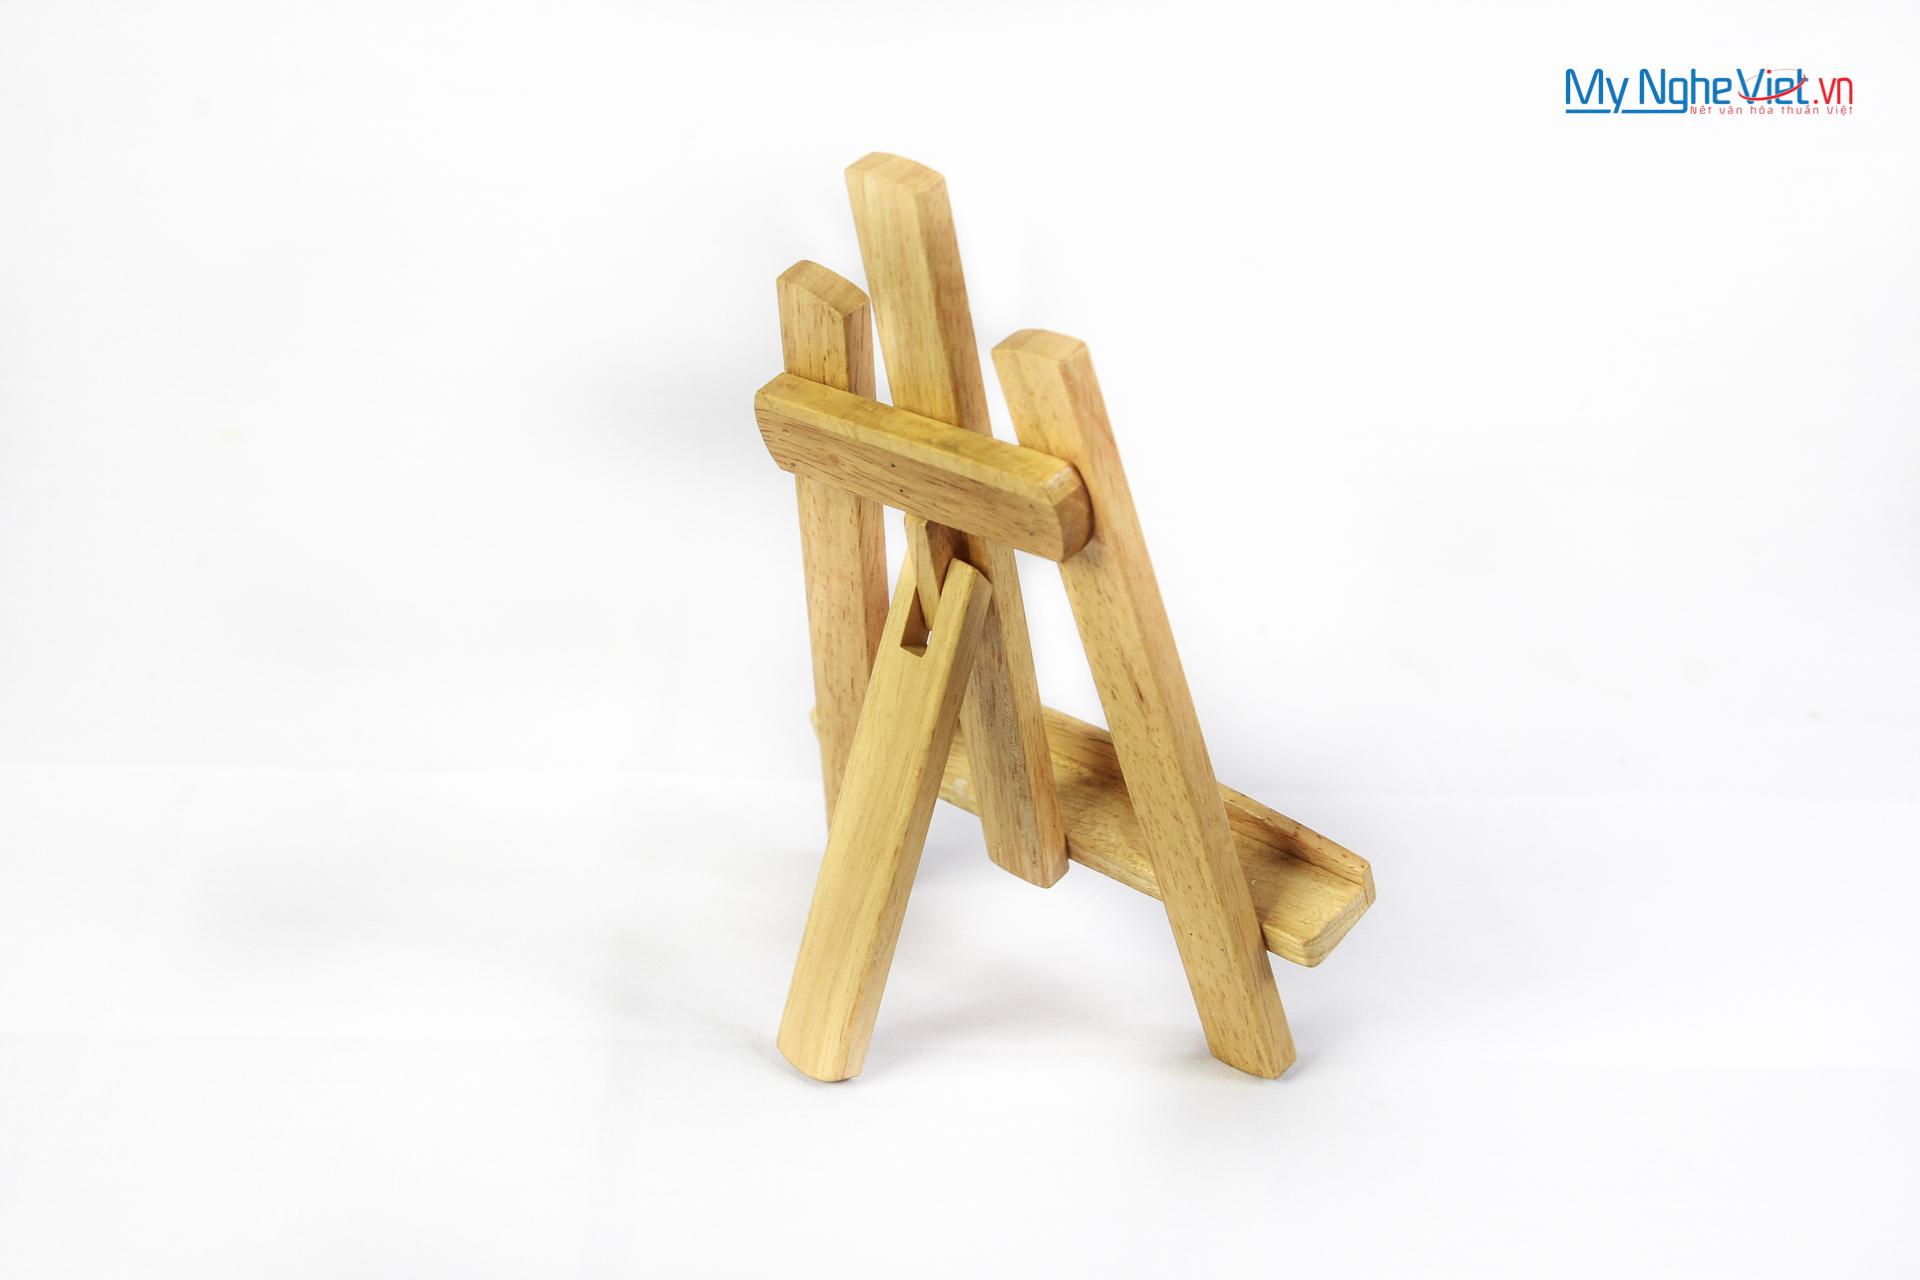 Sản phẩm gỗ tốt nghiệp